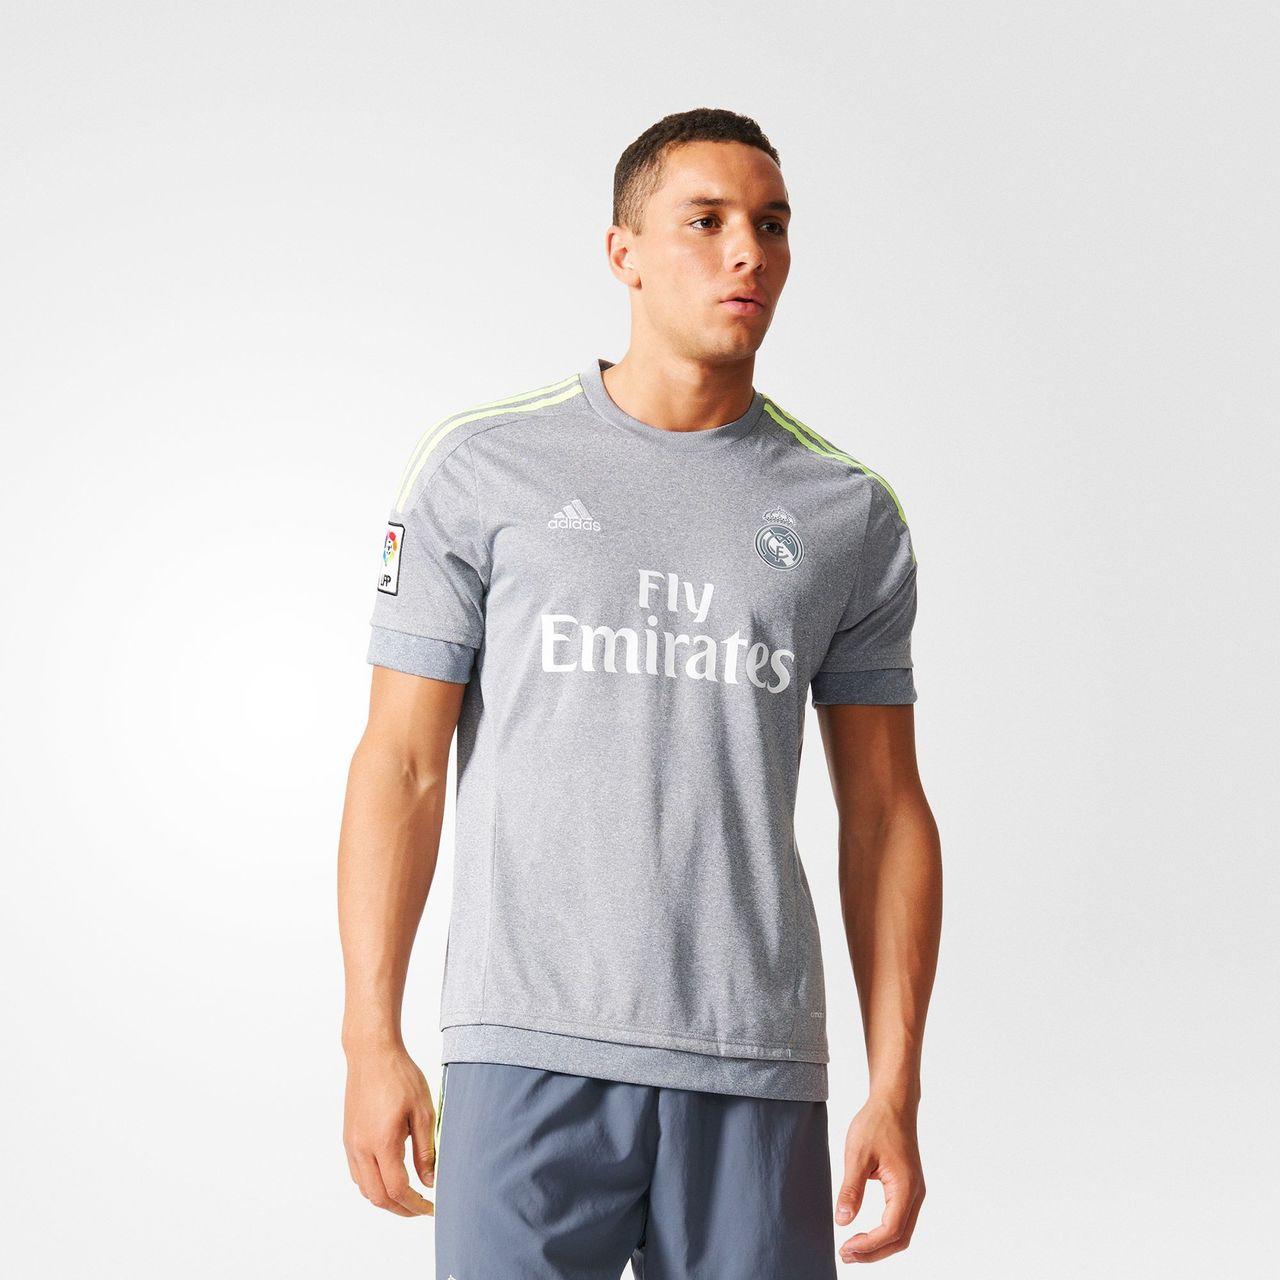 Así son las camisetas de la temporada 2015 2016  poniendo al límite ... 7c2ebb26c6276